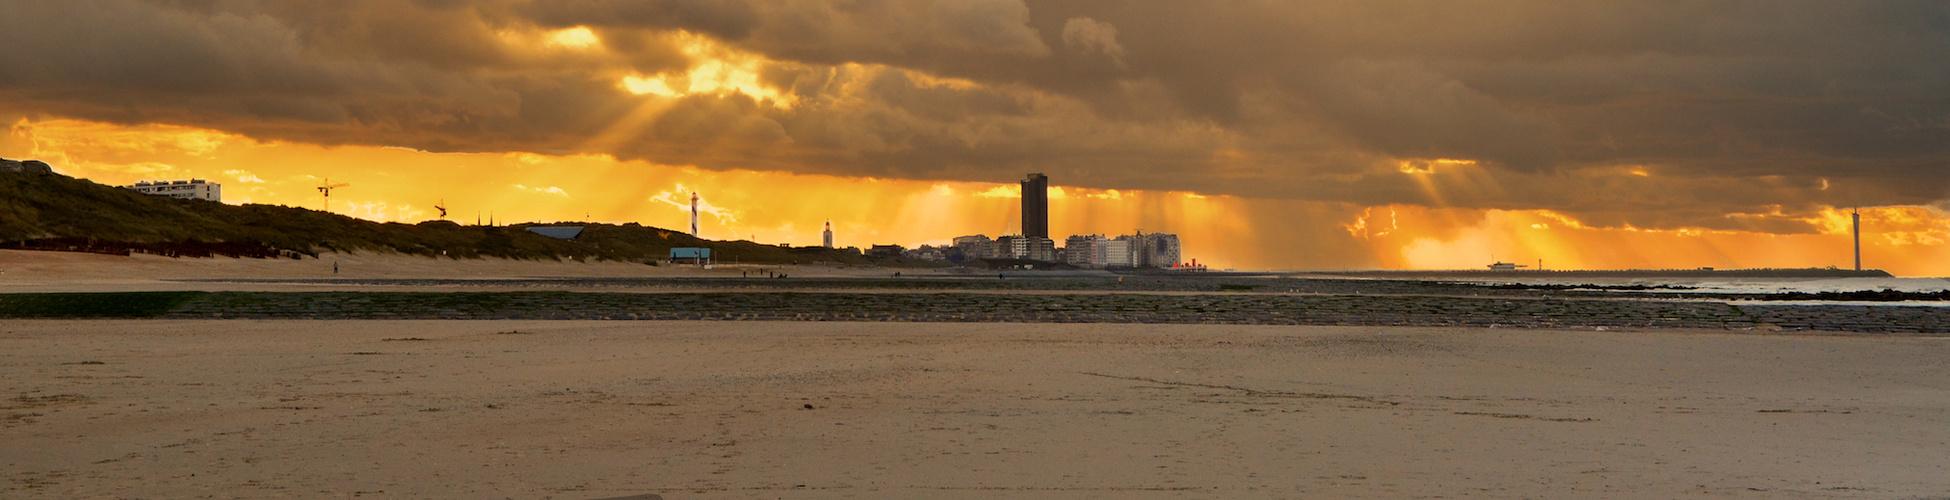 Sonnenuntergang am Strand in Flandern